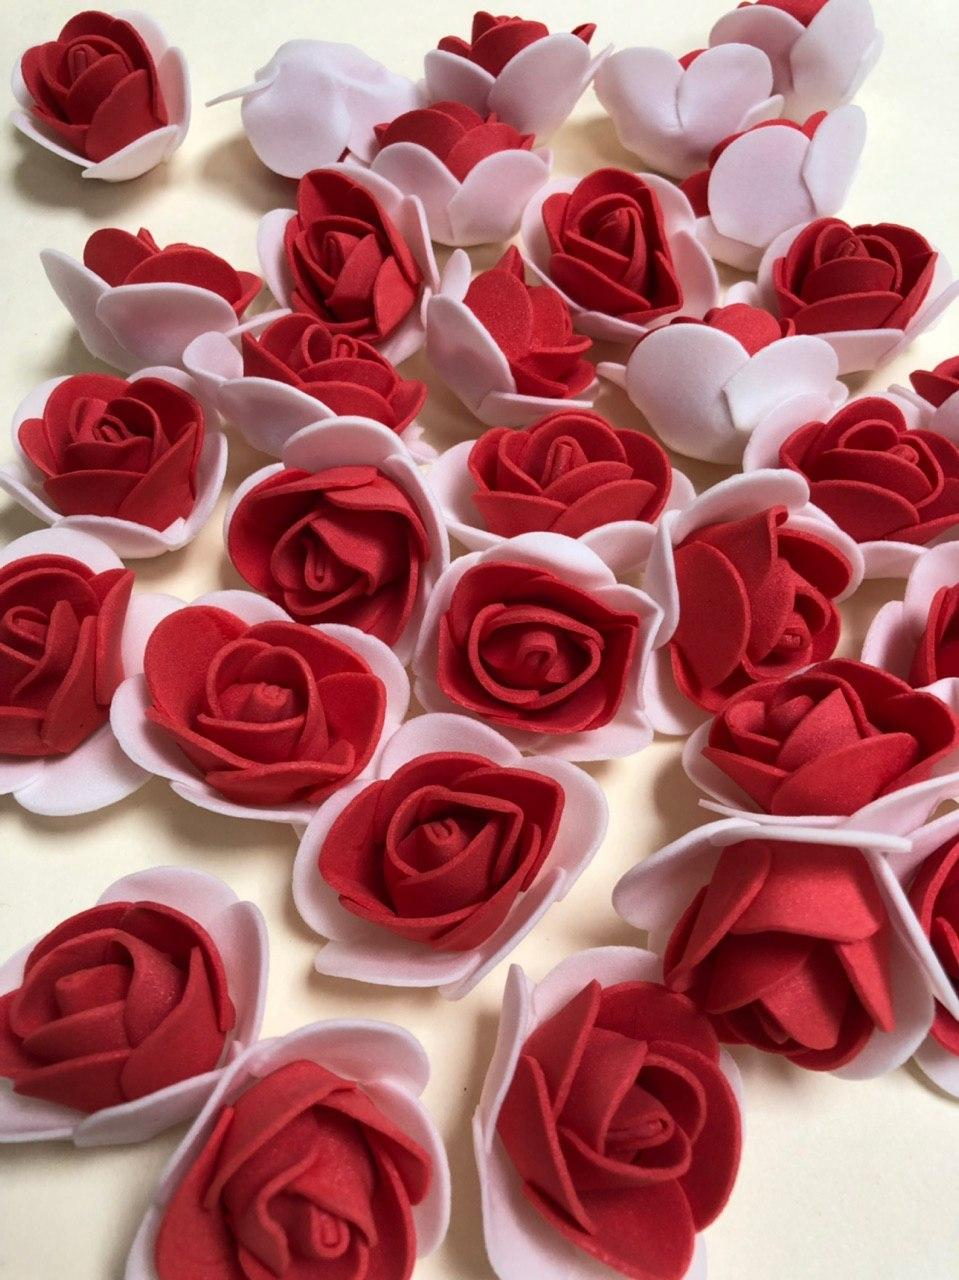 Розы из латекса, 2х цветные, красный с белым (ФОМ, FOAM) 500 шт пачка (для мишек)